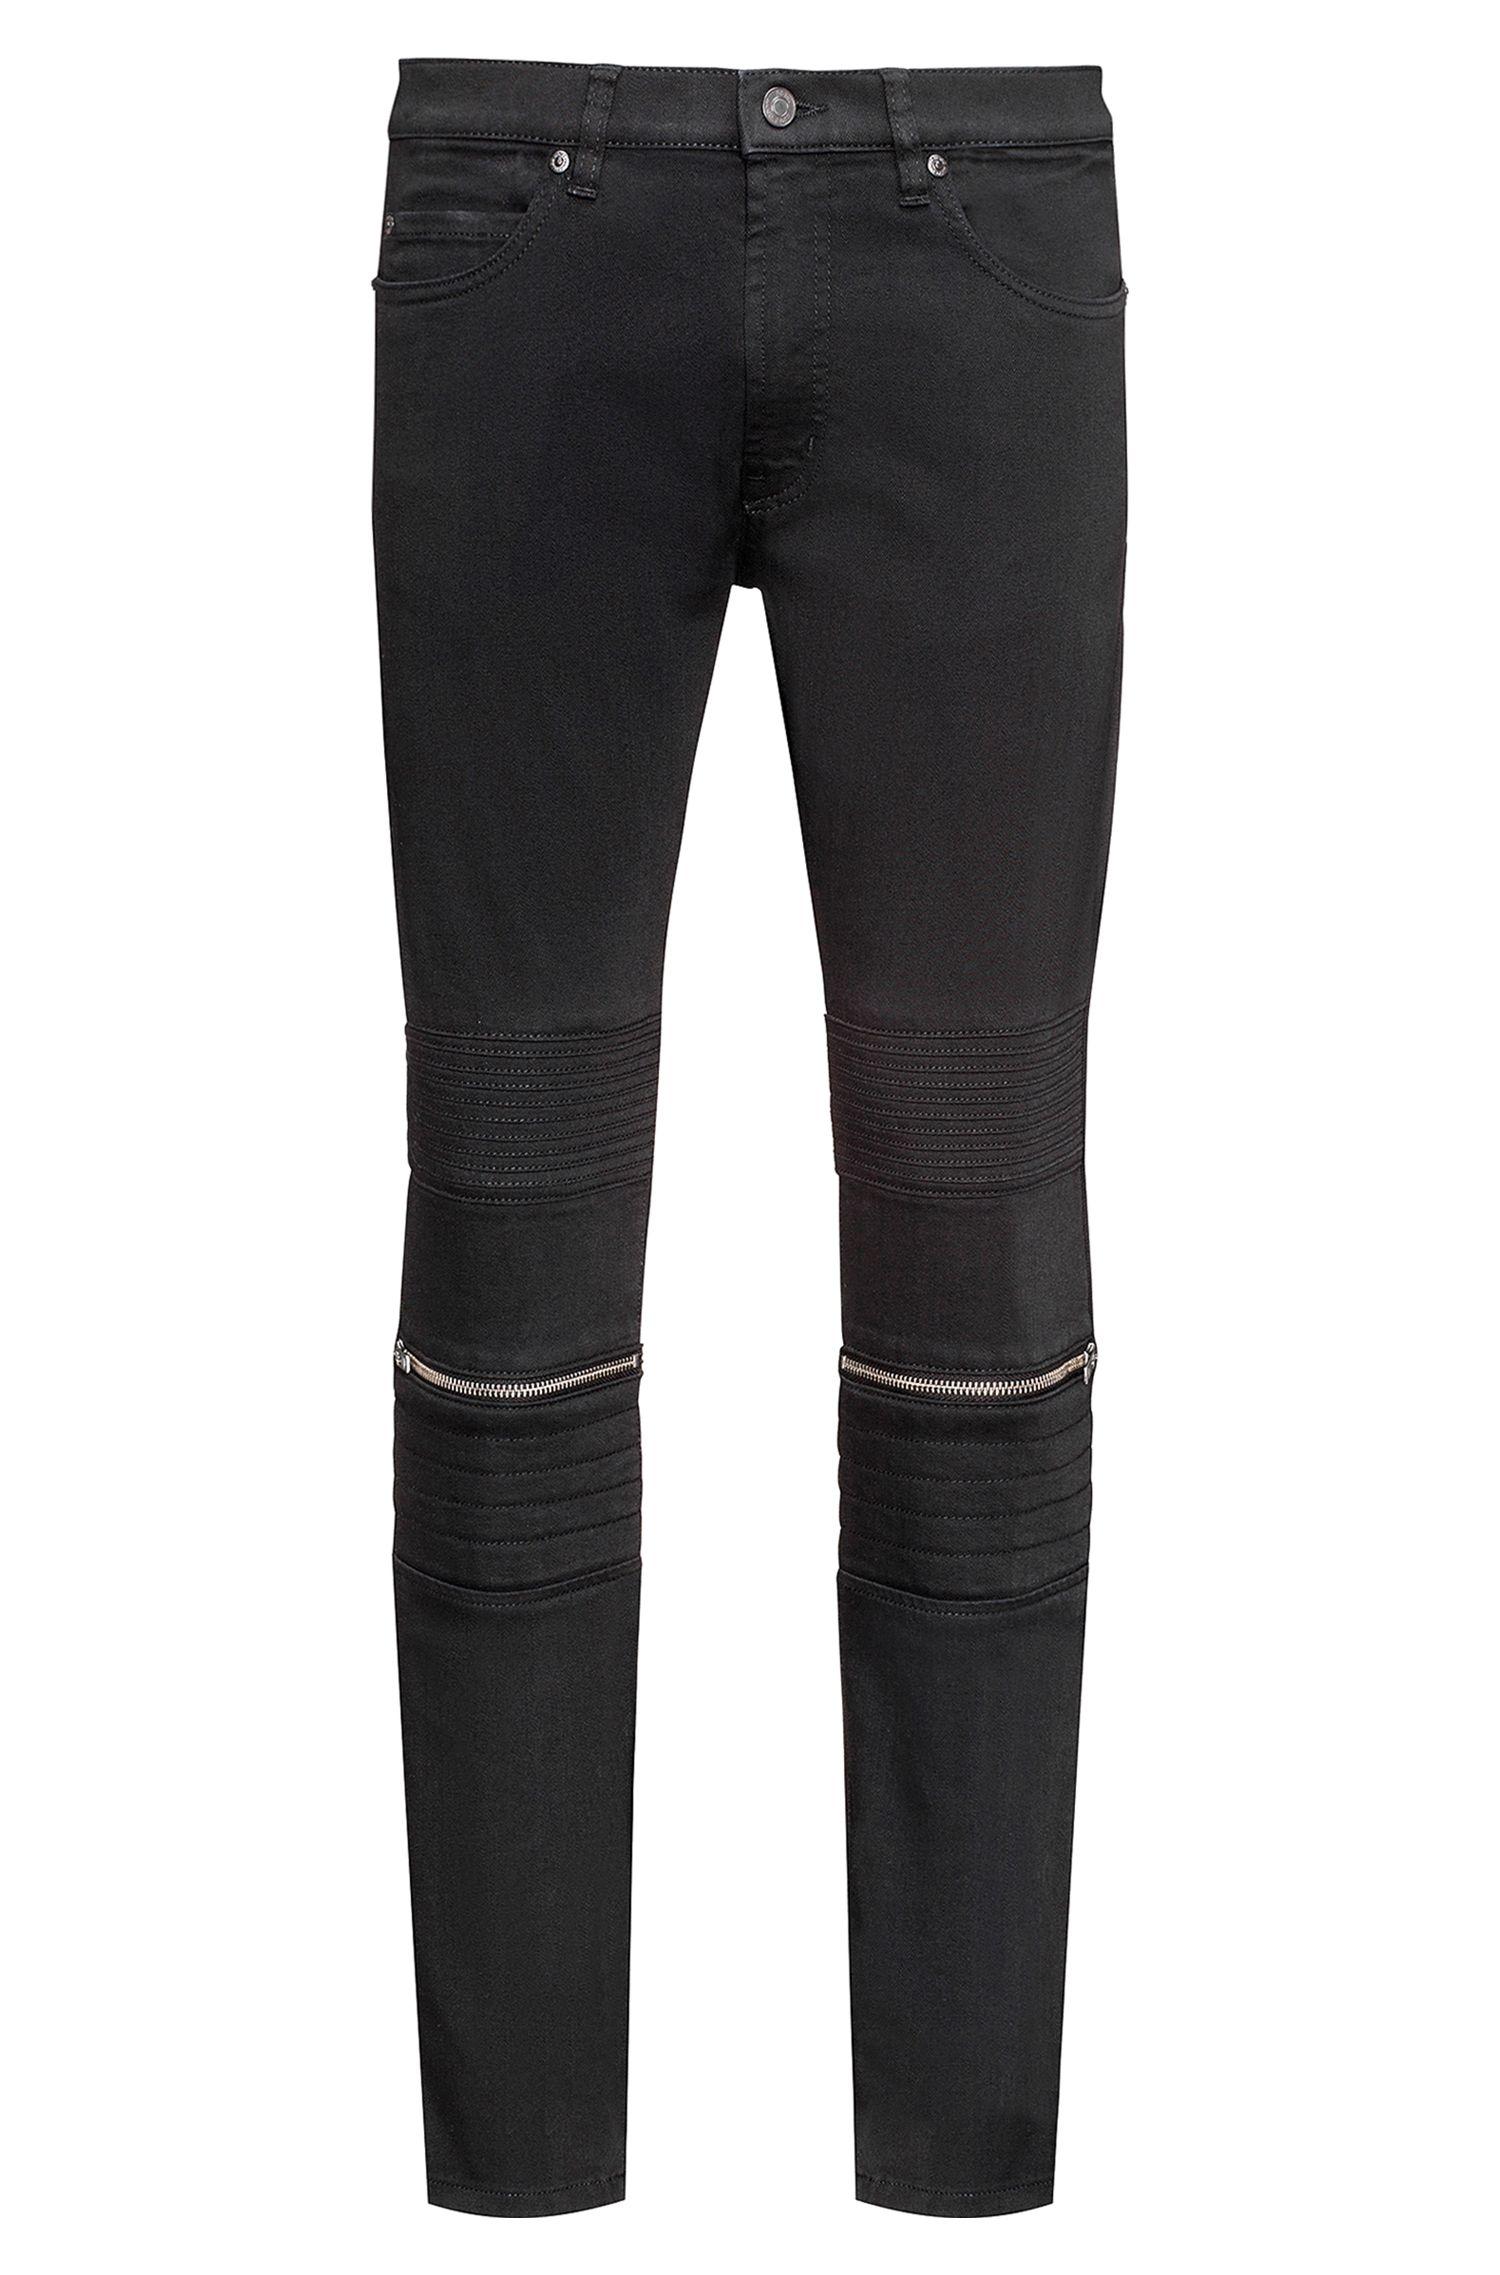 Vaqueros skinny fit negros en denim elástico con detalles de estilo biker